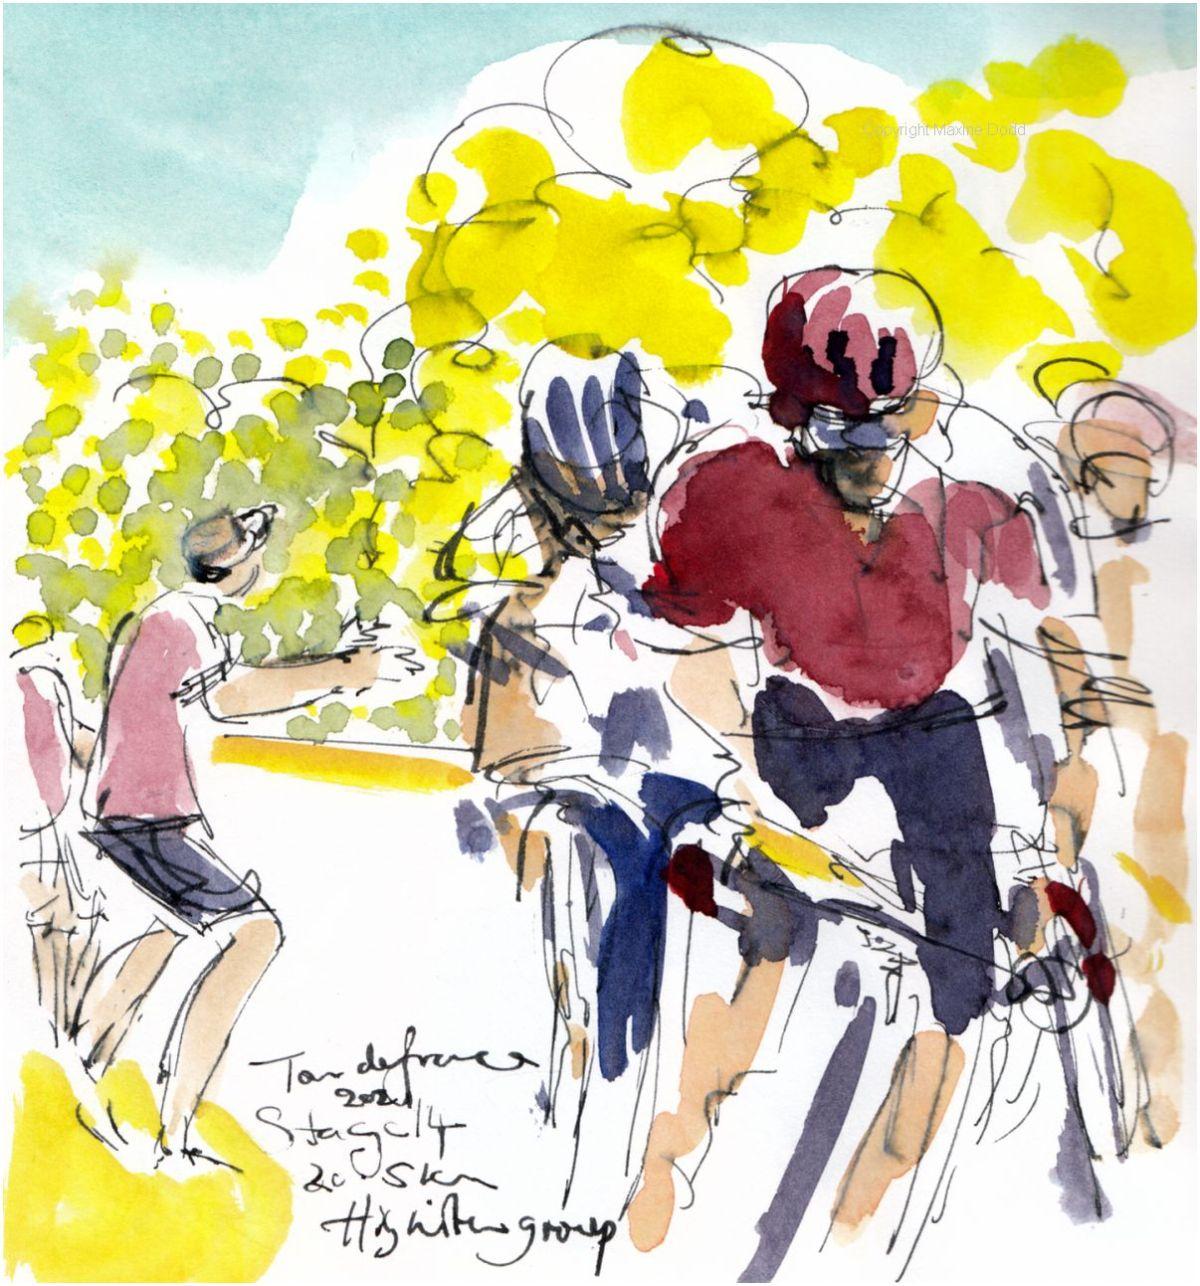 Tour de France 2021 - Stage14, The Higuita Group, original watercolour painting Maxine Dodd